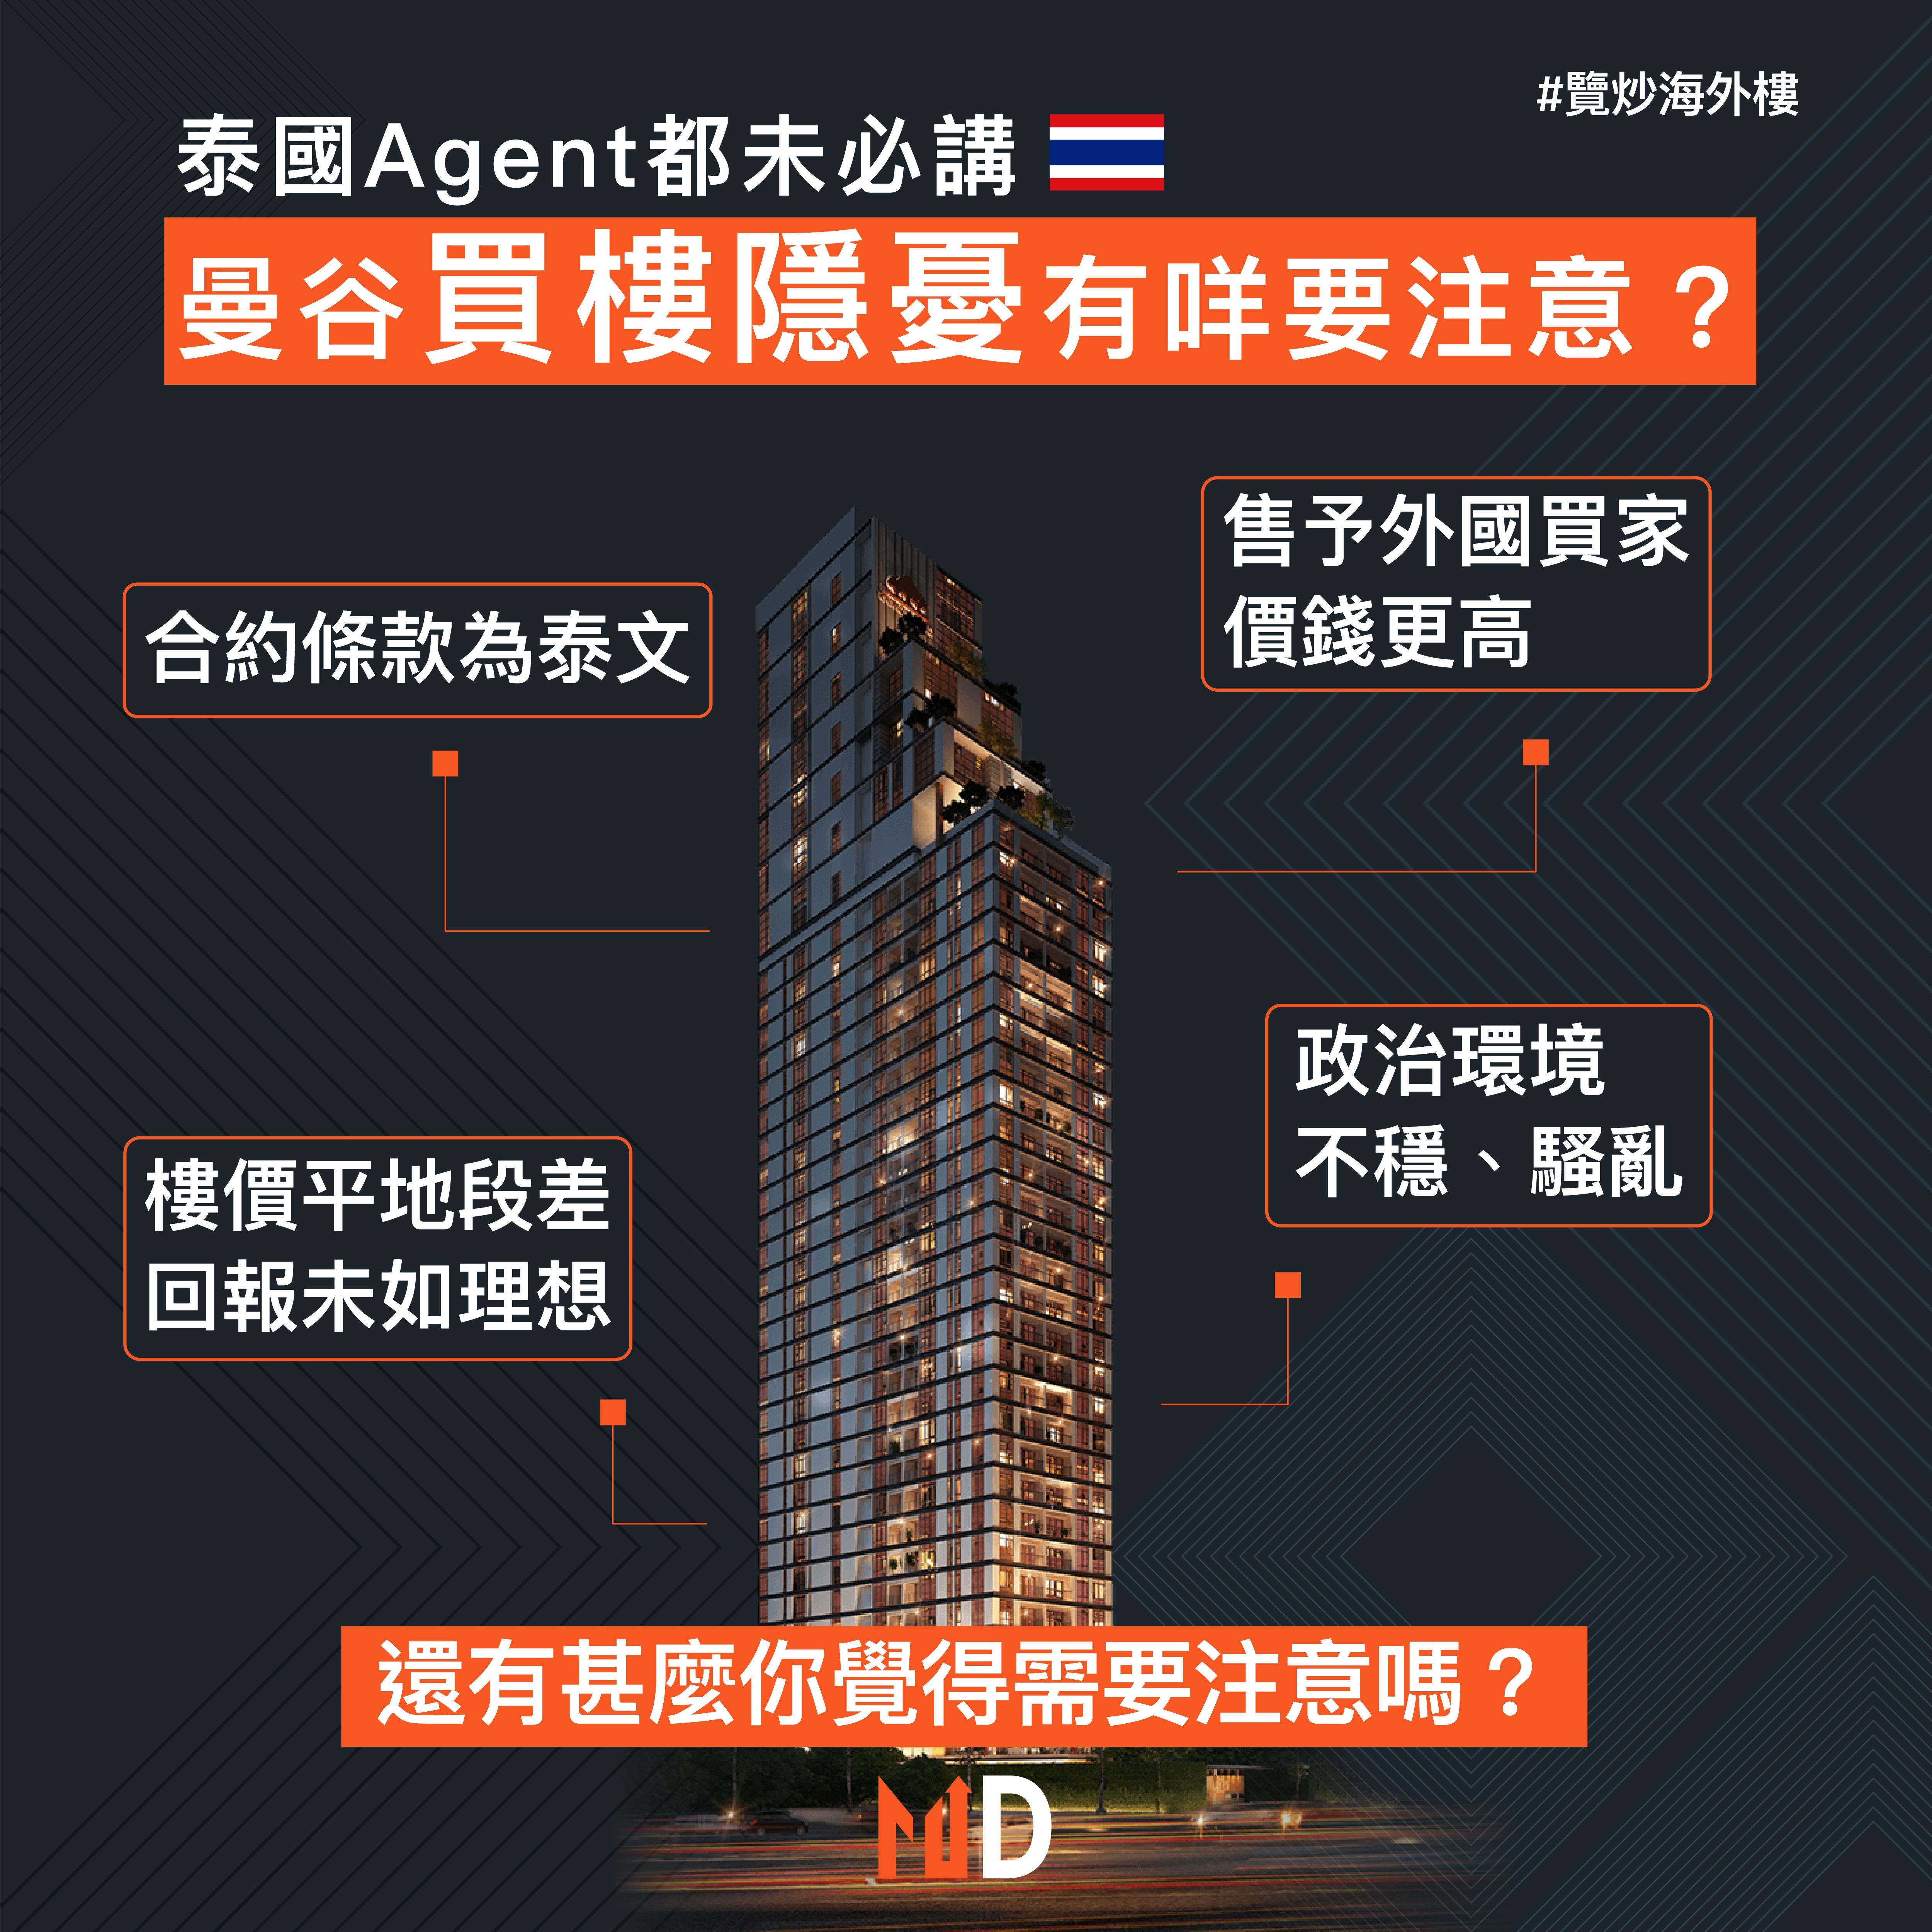 【覽炒海外樓】泰國Agent都未必講 曼谷買樓隱憂有咩要注意?